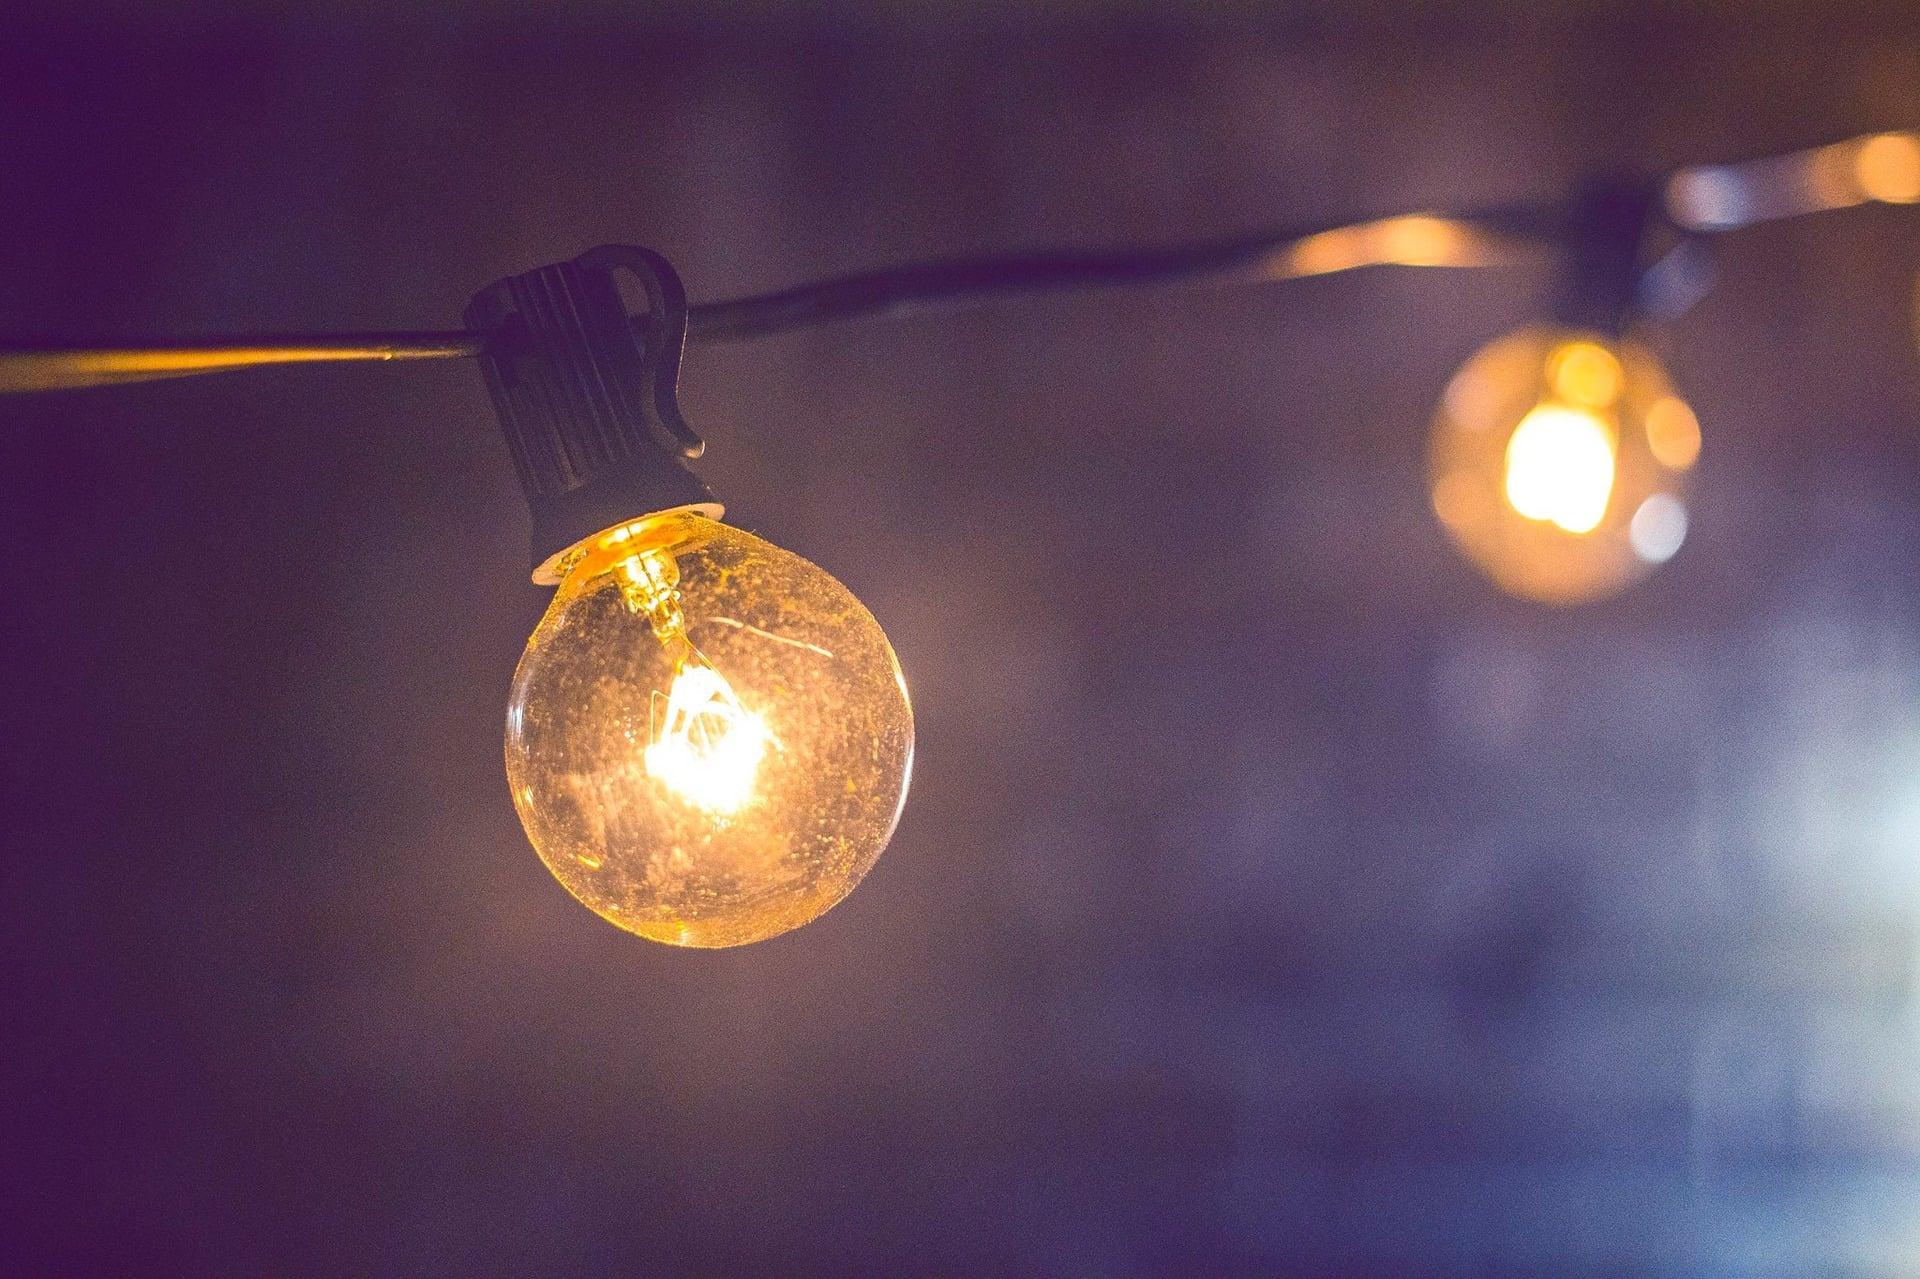 jak mniej płacić za prąd